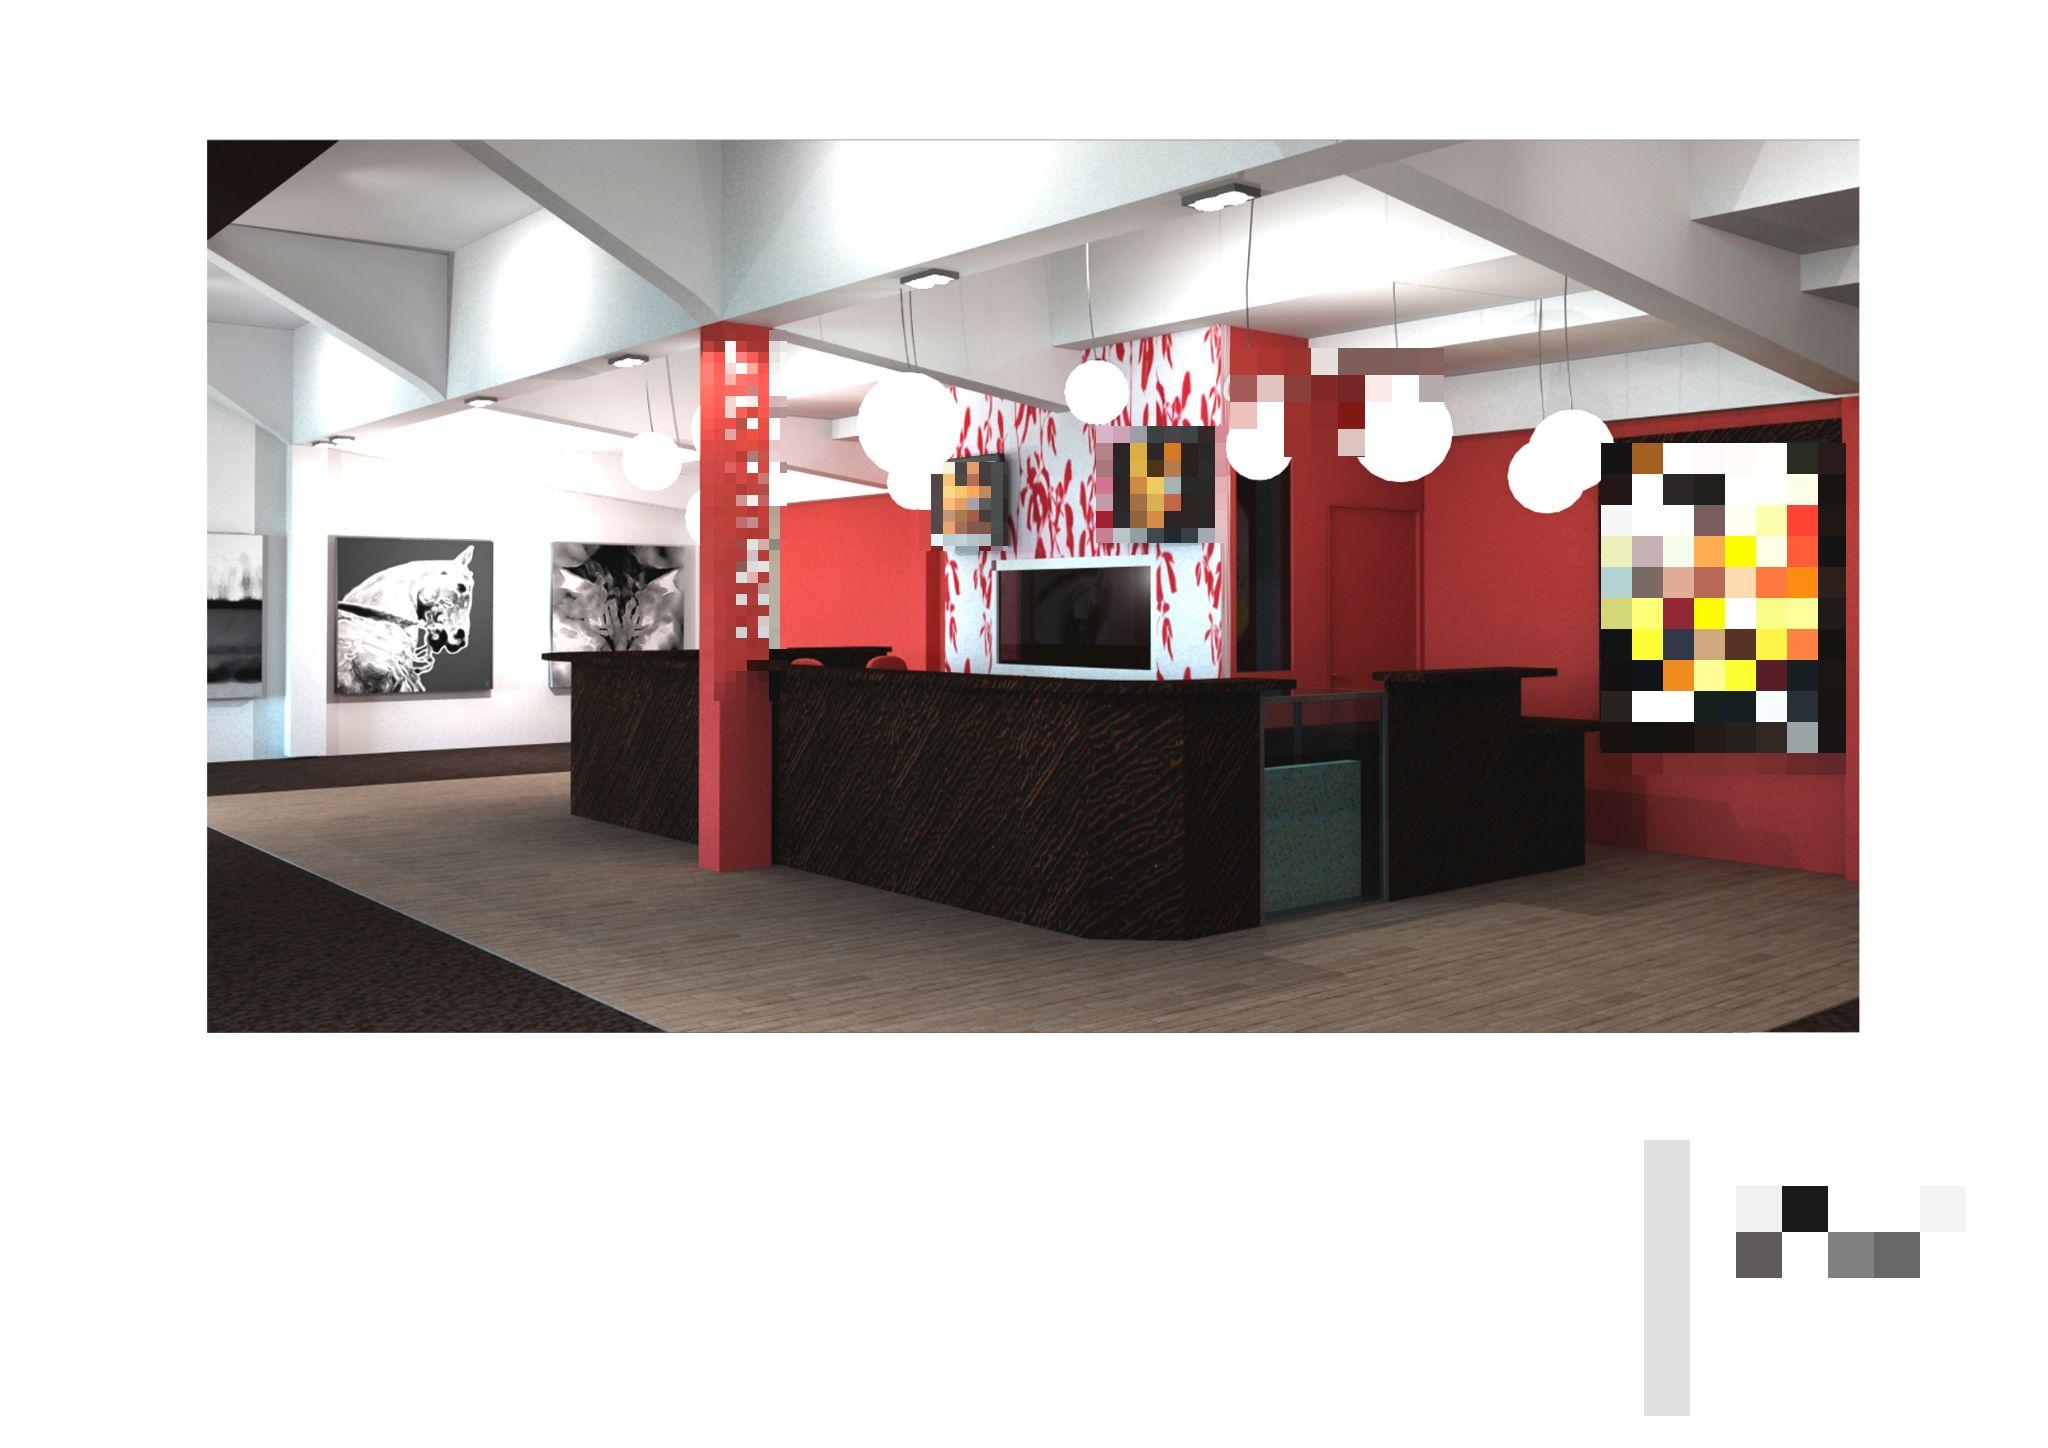 Vente Cinéma, 1679 m2 à Savigny-sur-Orge dans le centre ville (91600)